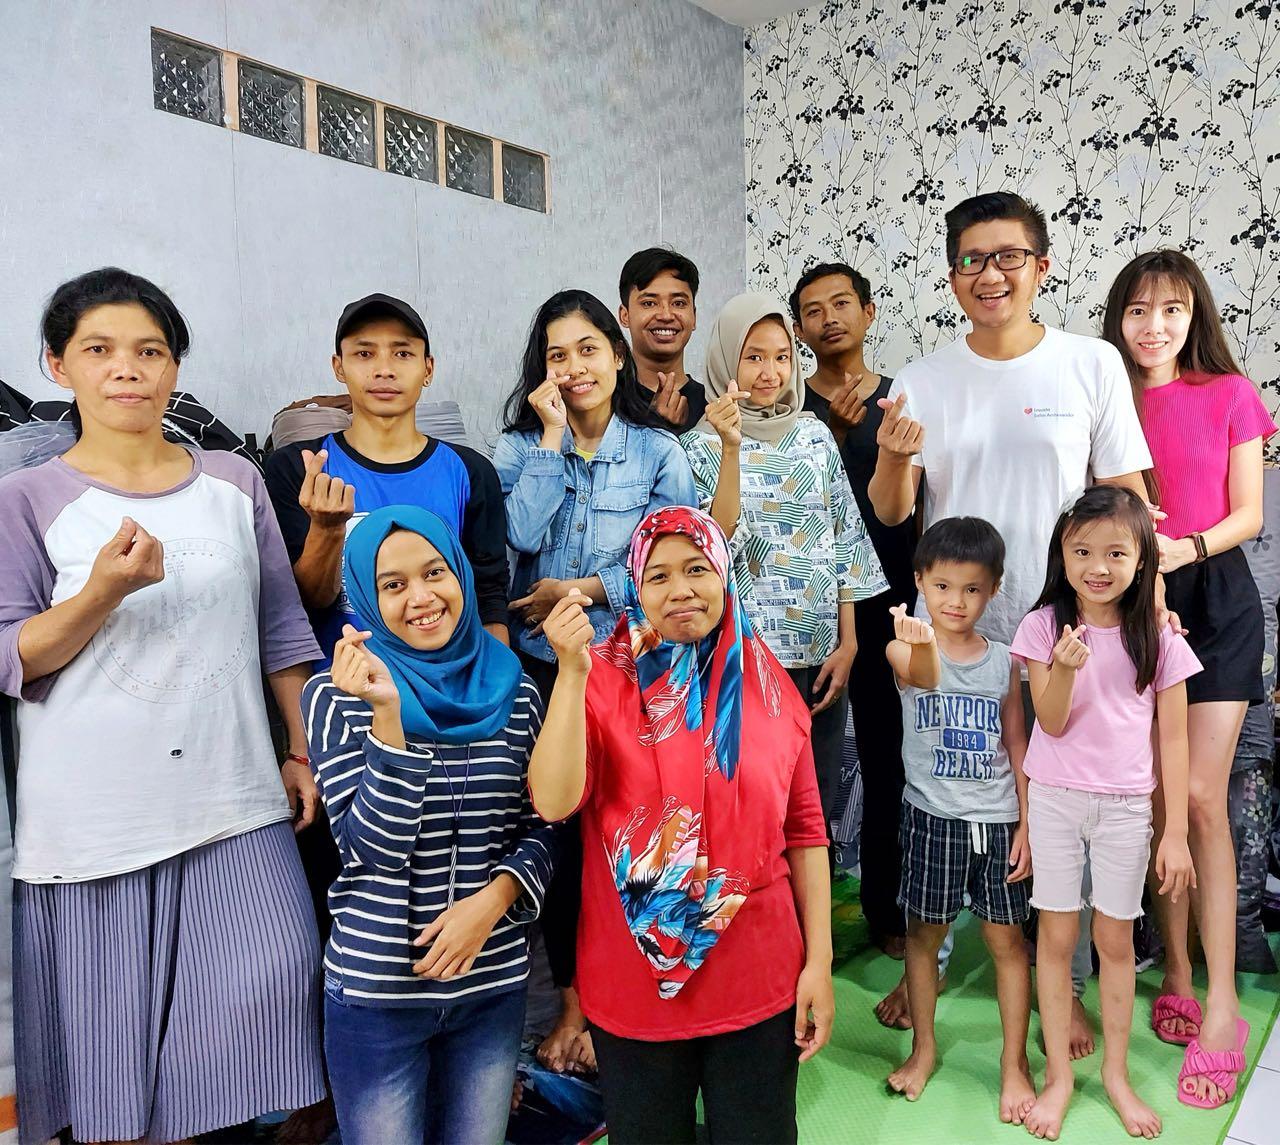 Sugeng Wibowo Toko Alona bersama Karyawan dan Keluarganya